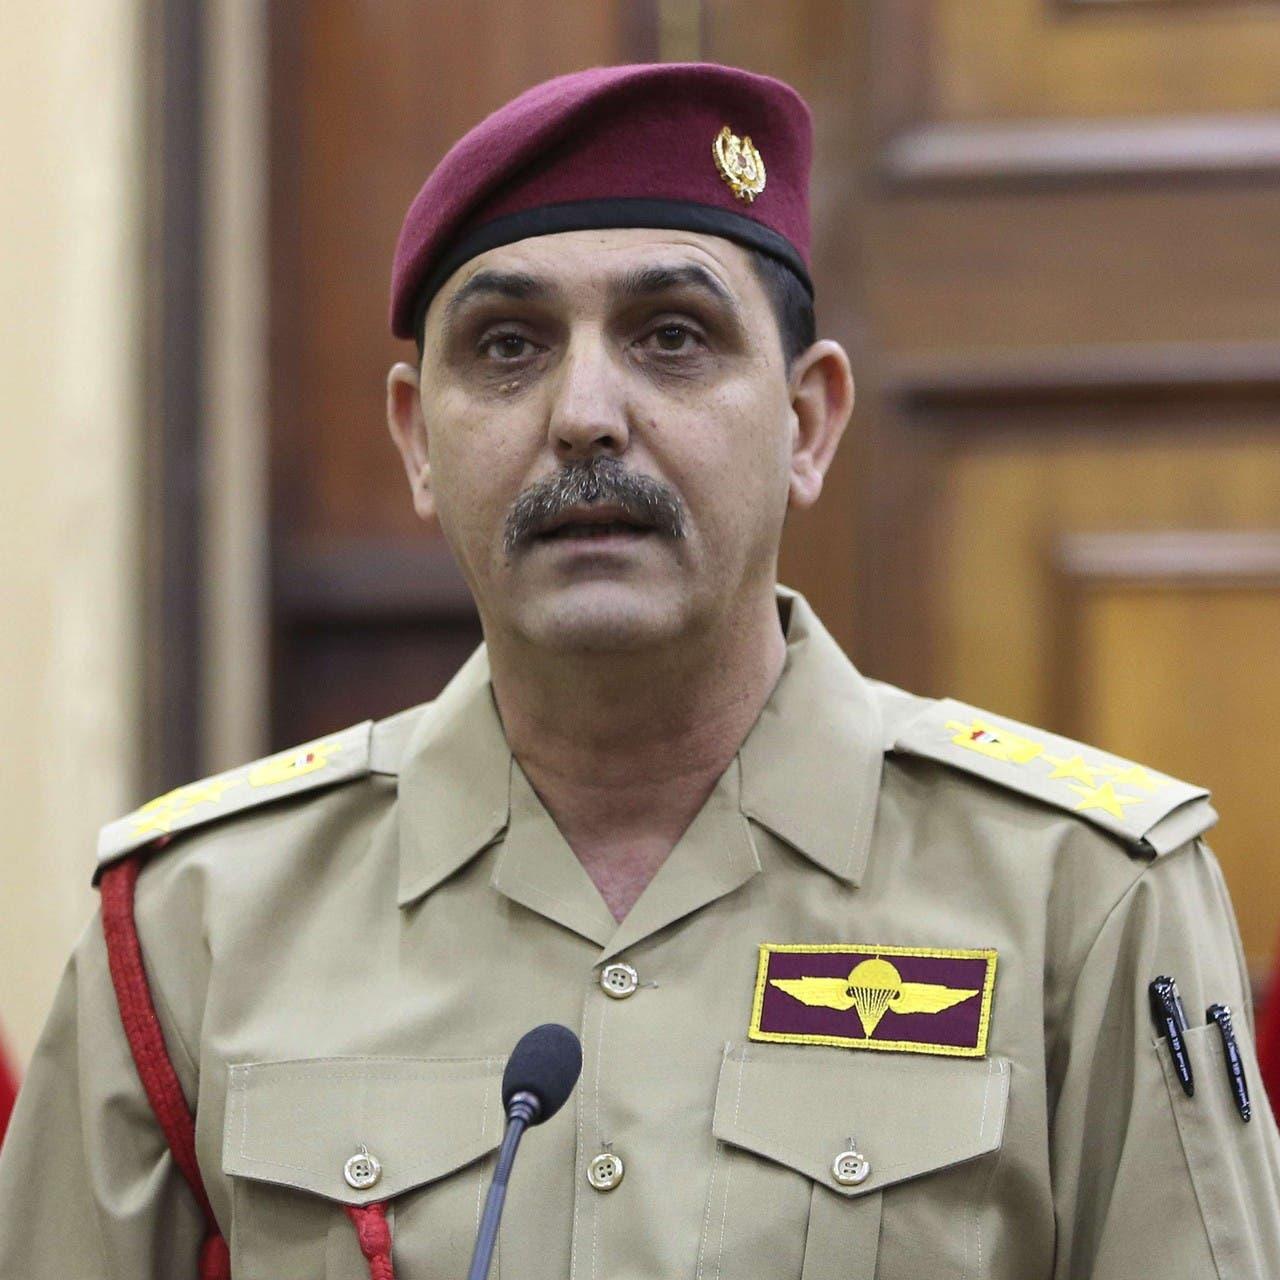 الجيش العراقي: ما حدث في أفغانستان لن يحدث في العراق